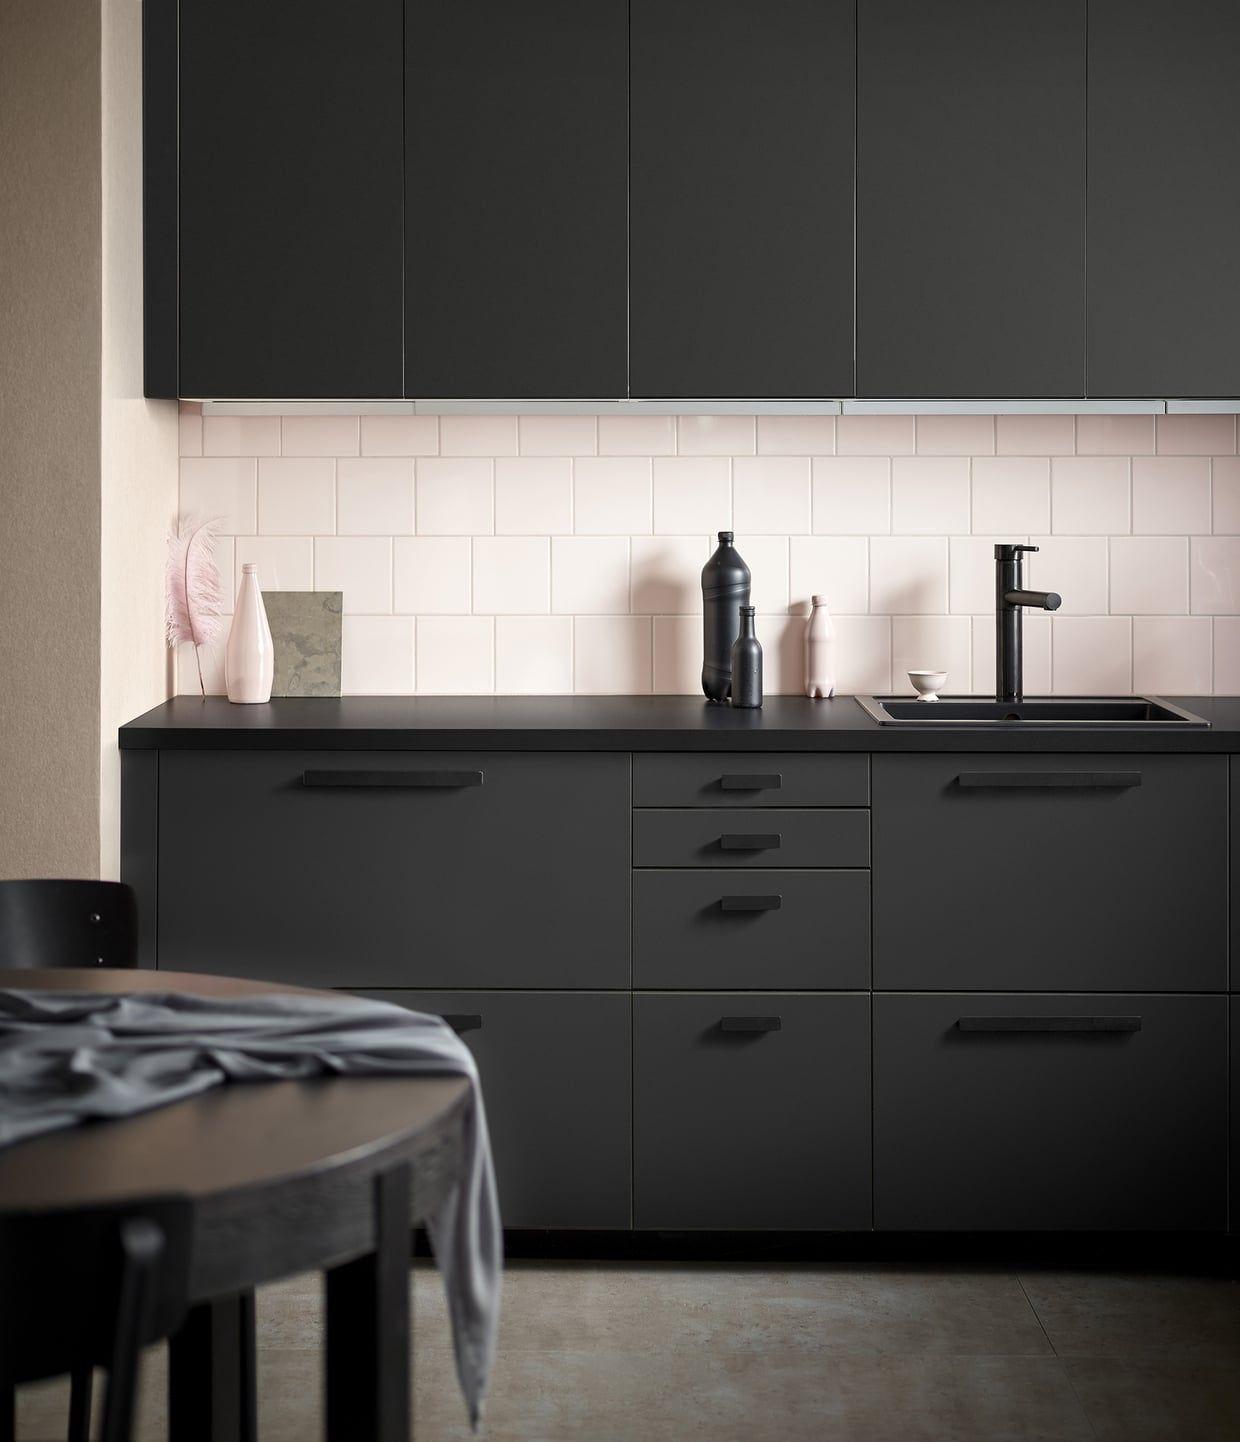 Bevorzugt Cuisine Kungsbacka d'Ikea | JHabite | Pinterest | Ikea, Meuble  FT87